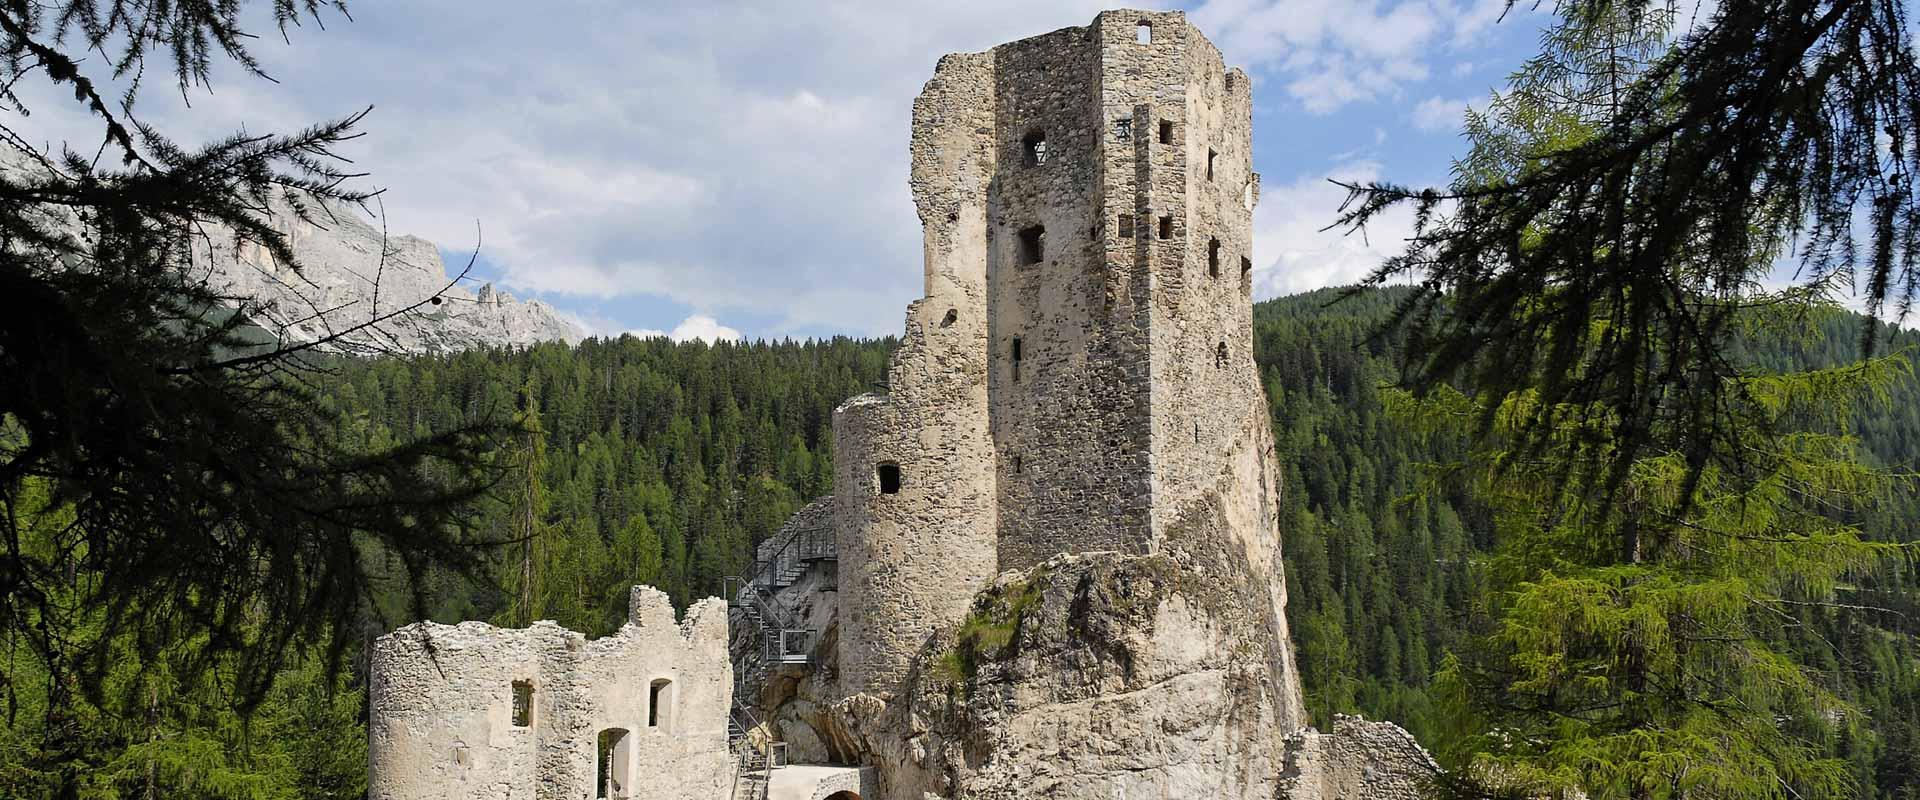 Castello-di-Andraz